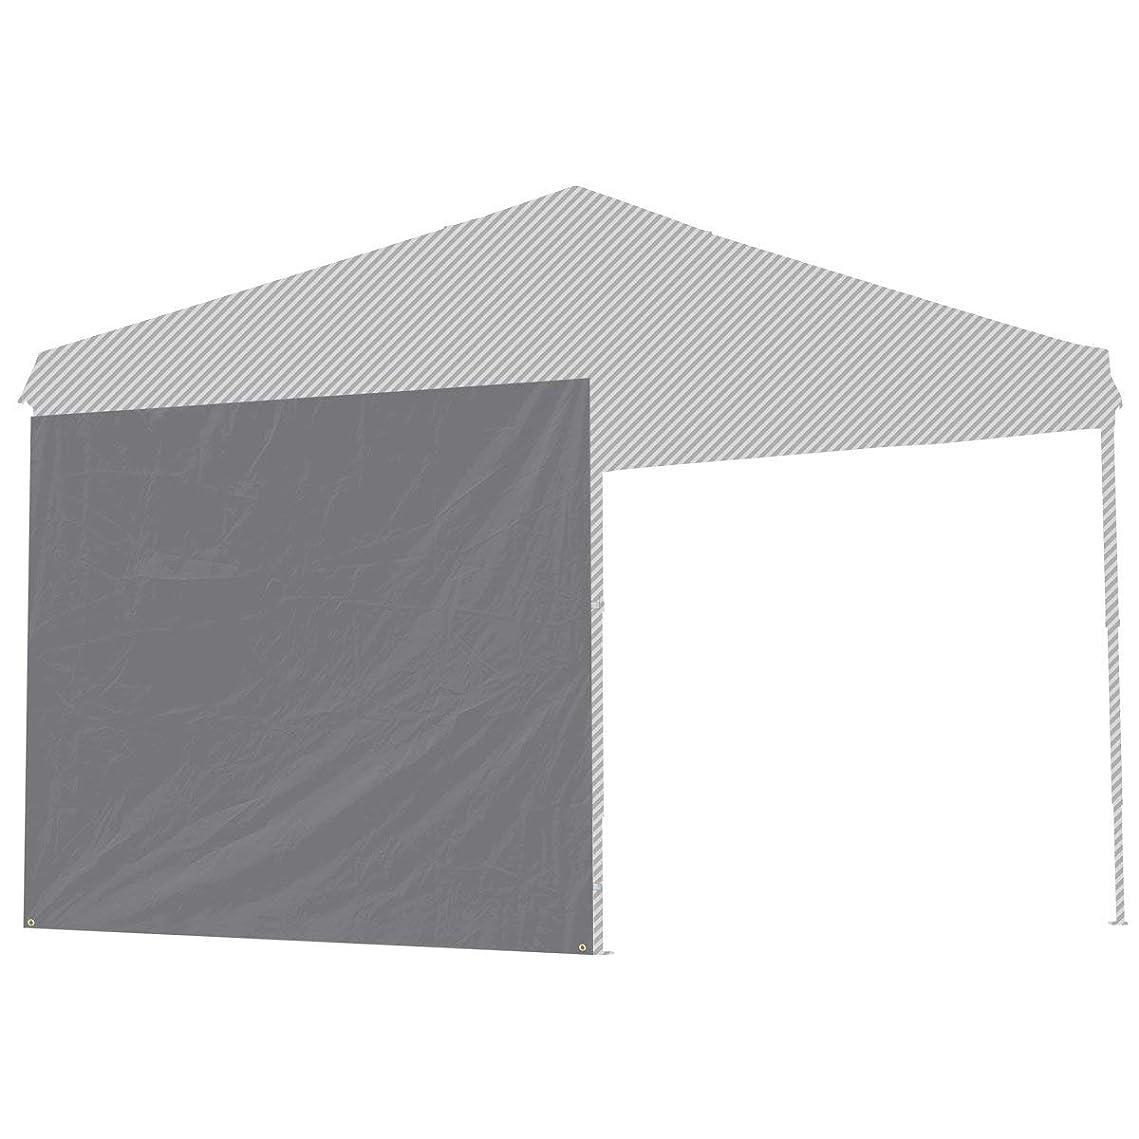 ソース形容詞ジャベスウィルソンFIELDOOR サイドシート(横幕) タープテント2.5×2.5m専用(サイドシートのみ) 【ハーフタイプ】 全10種 スチール製?アルミ製共通(G03モデル)